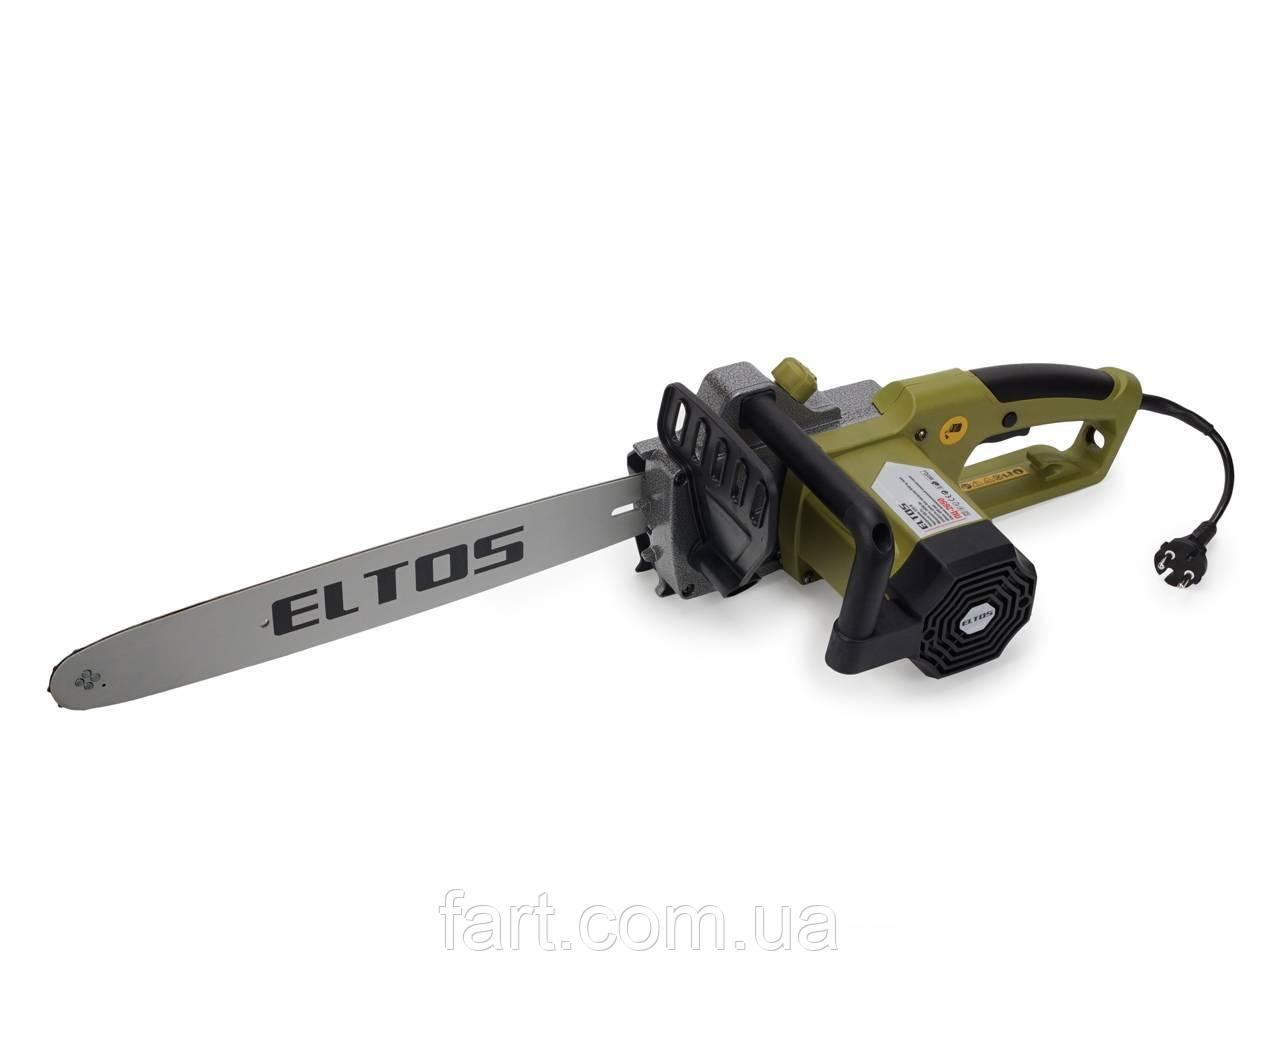 Пила цепная Eltos ПЦ-2650